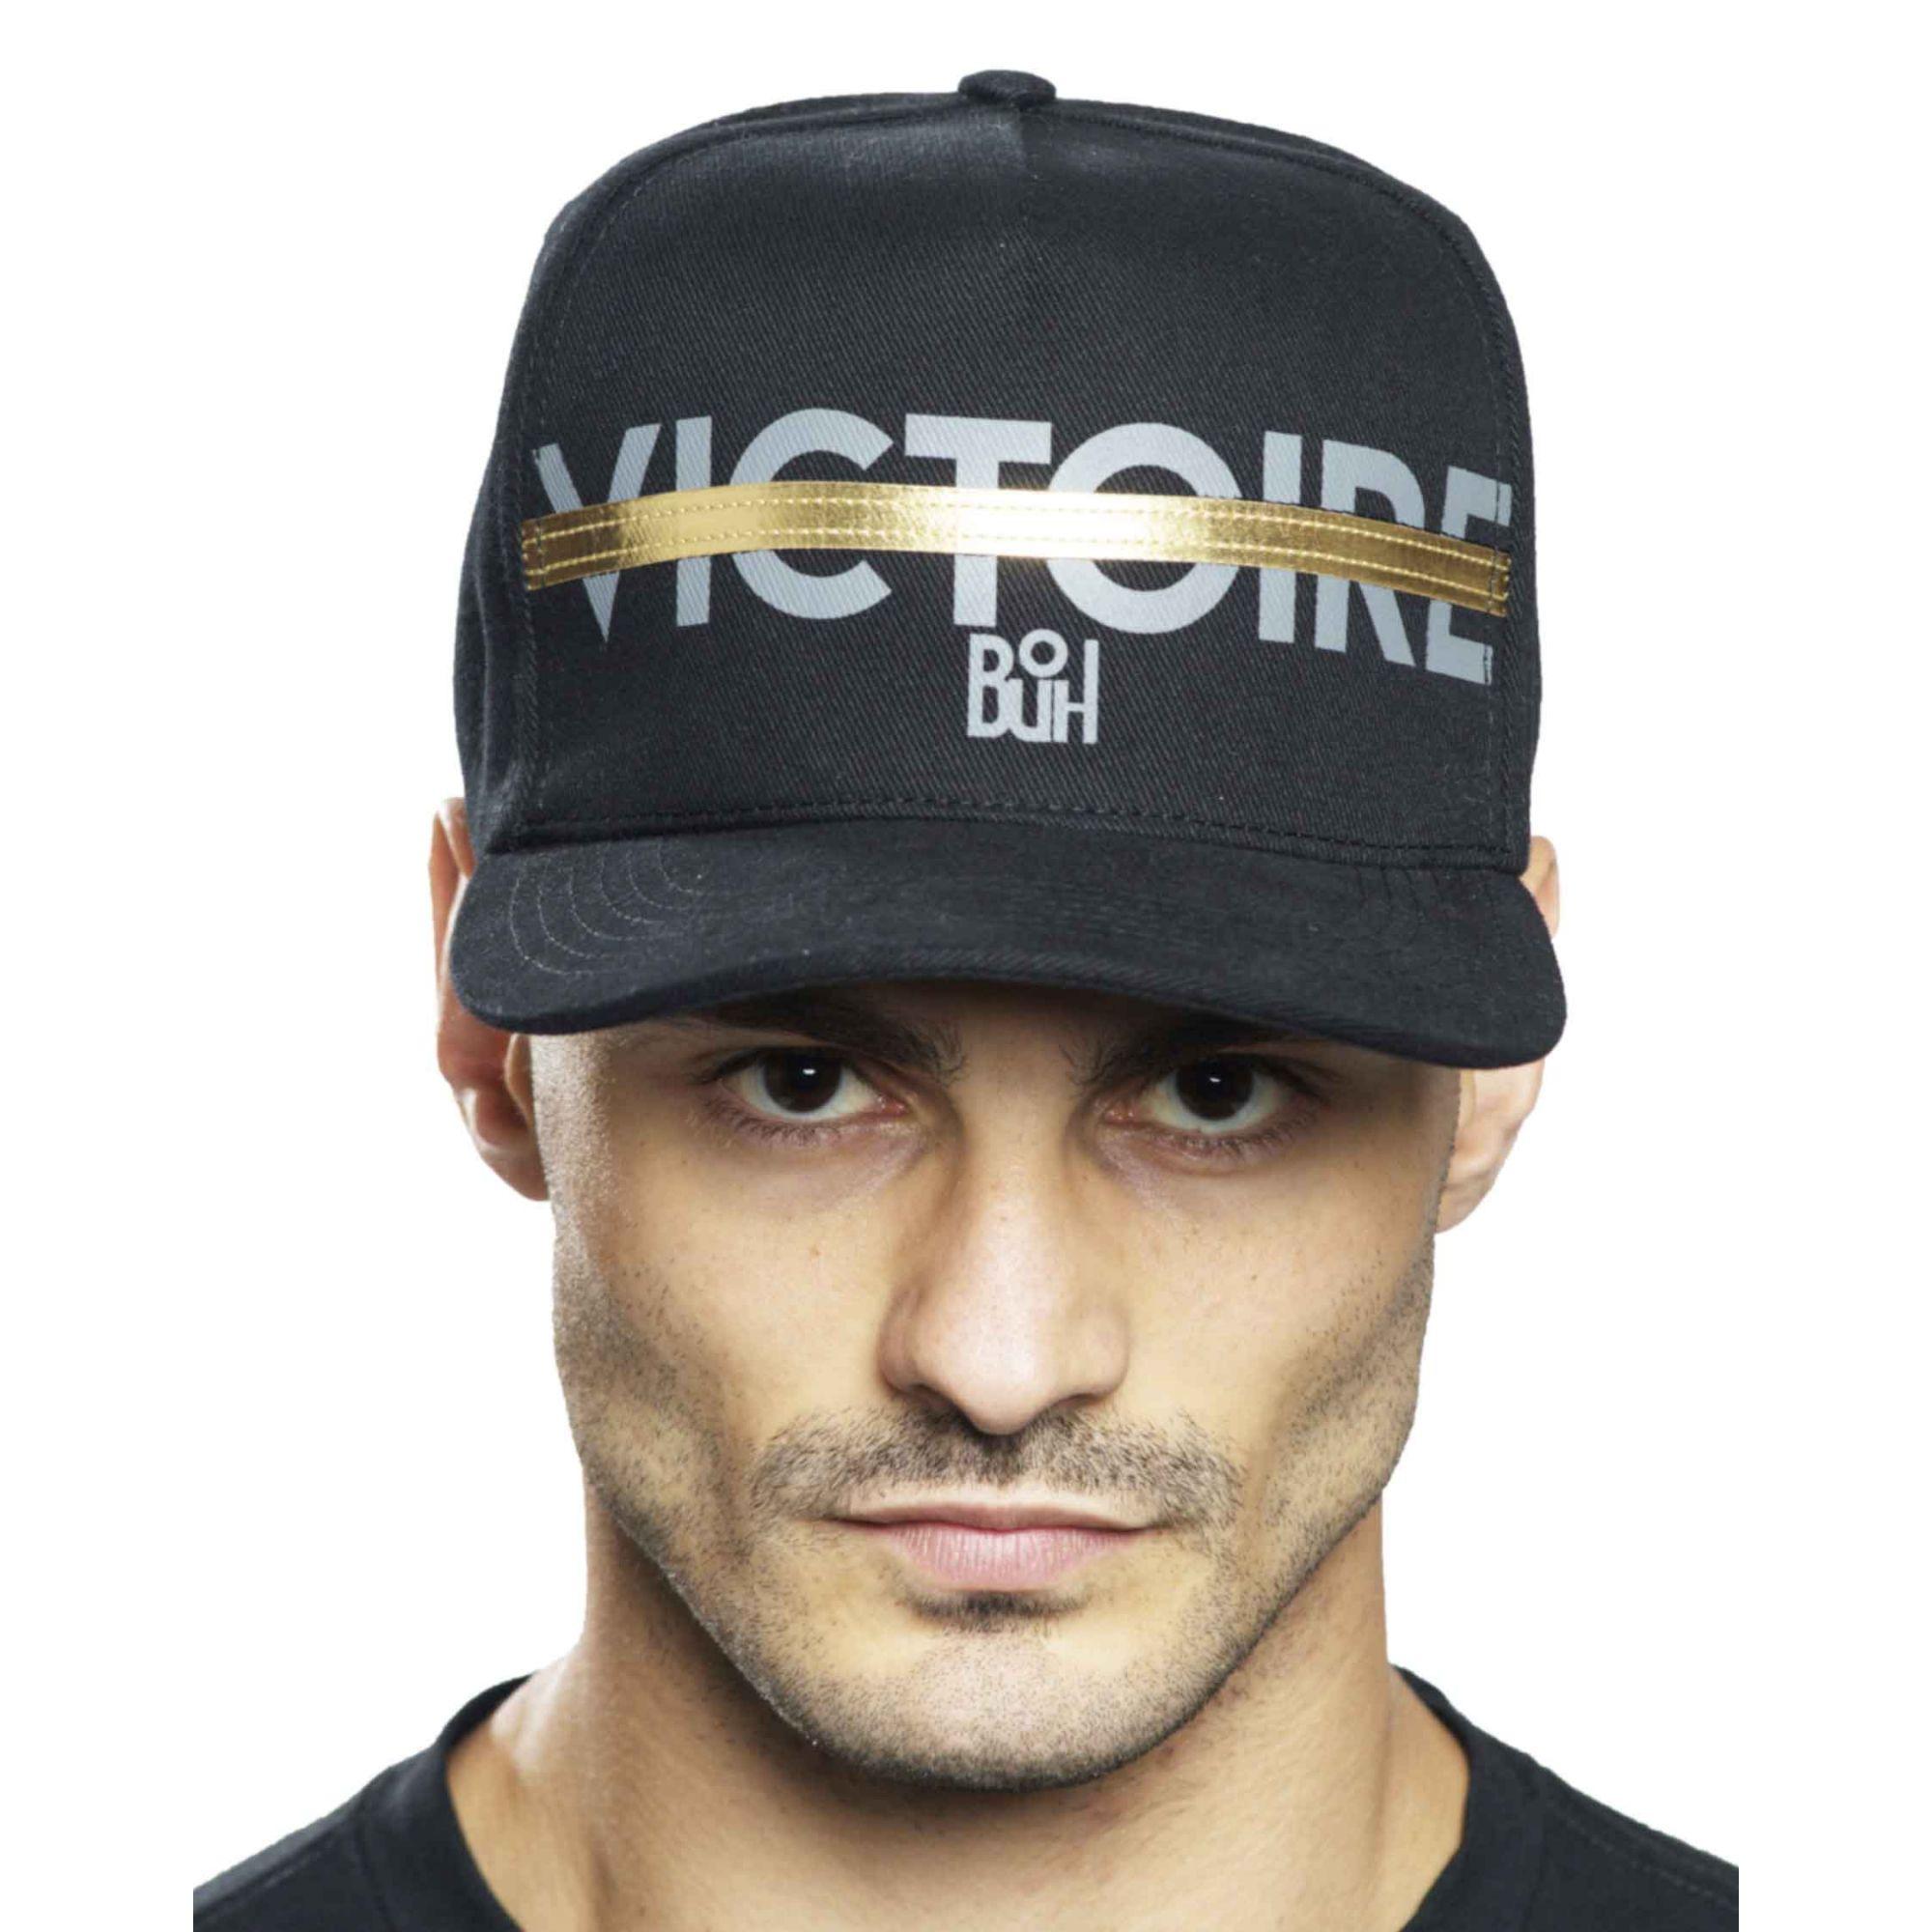 Boné Buh Victoire Black & Gold